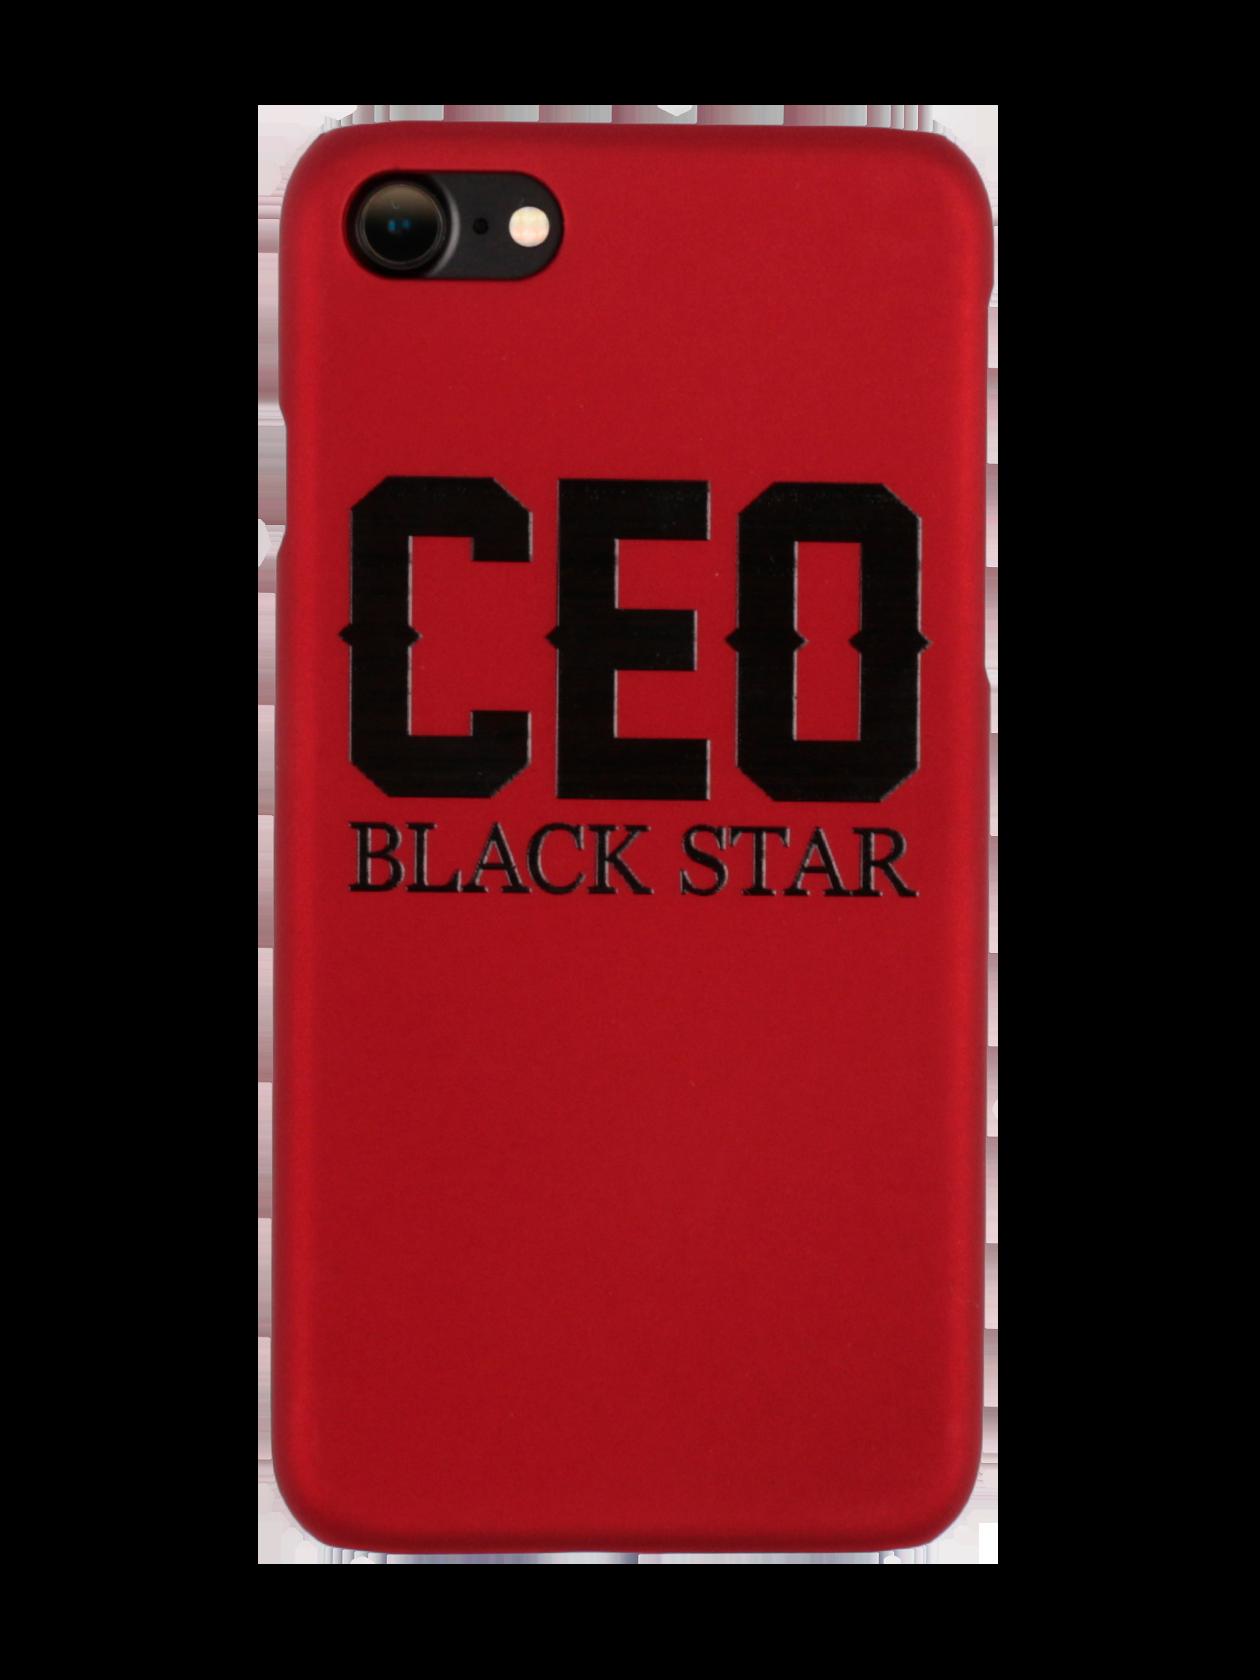 Чехол для телефона ROYALTY CEOЧехол для телефона Ceo Royalty – прочный аксессуар, изготовленный из пластика. Легкая модель не изменяет размеры мобильного устройства, надежно удерживая его с внутренней стороны. Отверстия полностью соответствуют разъемам и функциям управления, поэтому при использовании не нужно снимать каждый раз чехол. Изделие выполнено в черном цвете, декорировано стильной контрастной надписью «Ceo Black Star». Идеальное решение для предотвращения преждевременного износа девайса.<br><br>Размер: 6<br>Цвет: Красный<br>Пол: Унисекс